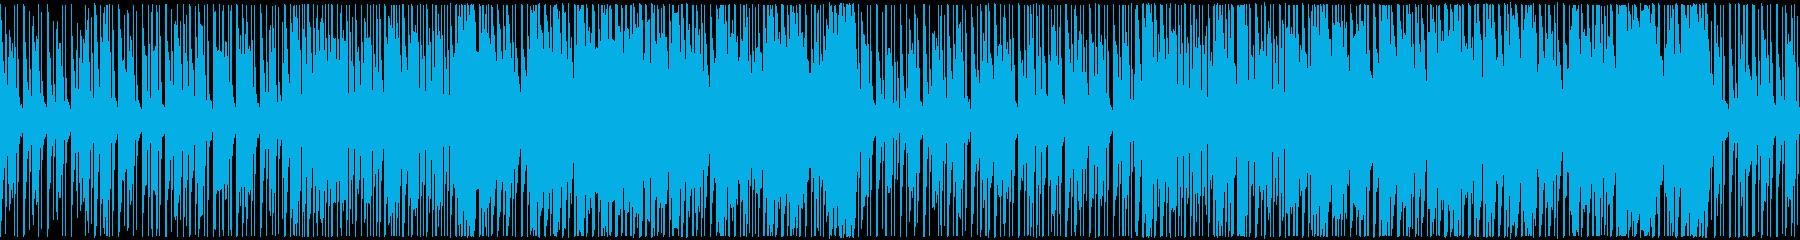 青空を感じる、爽やかな日常系BGMの再生済みの波形